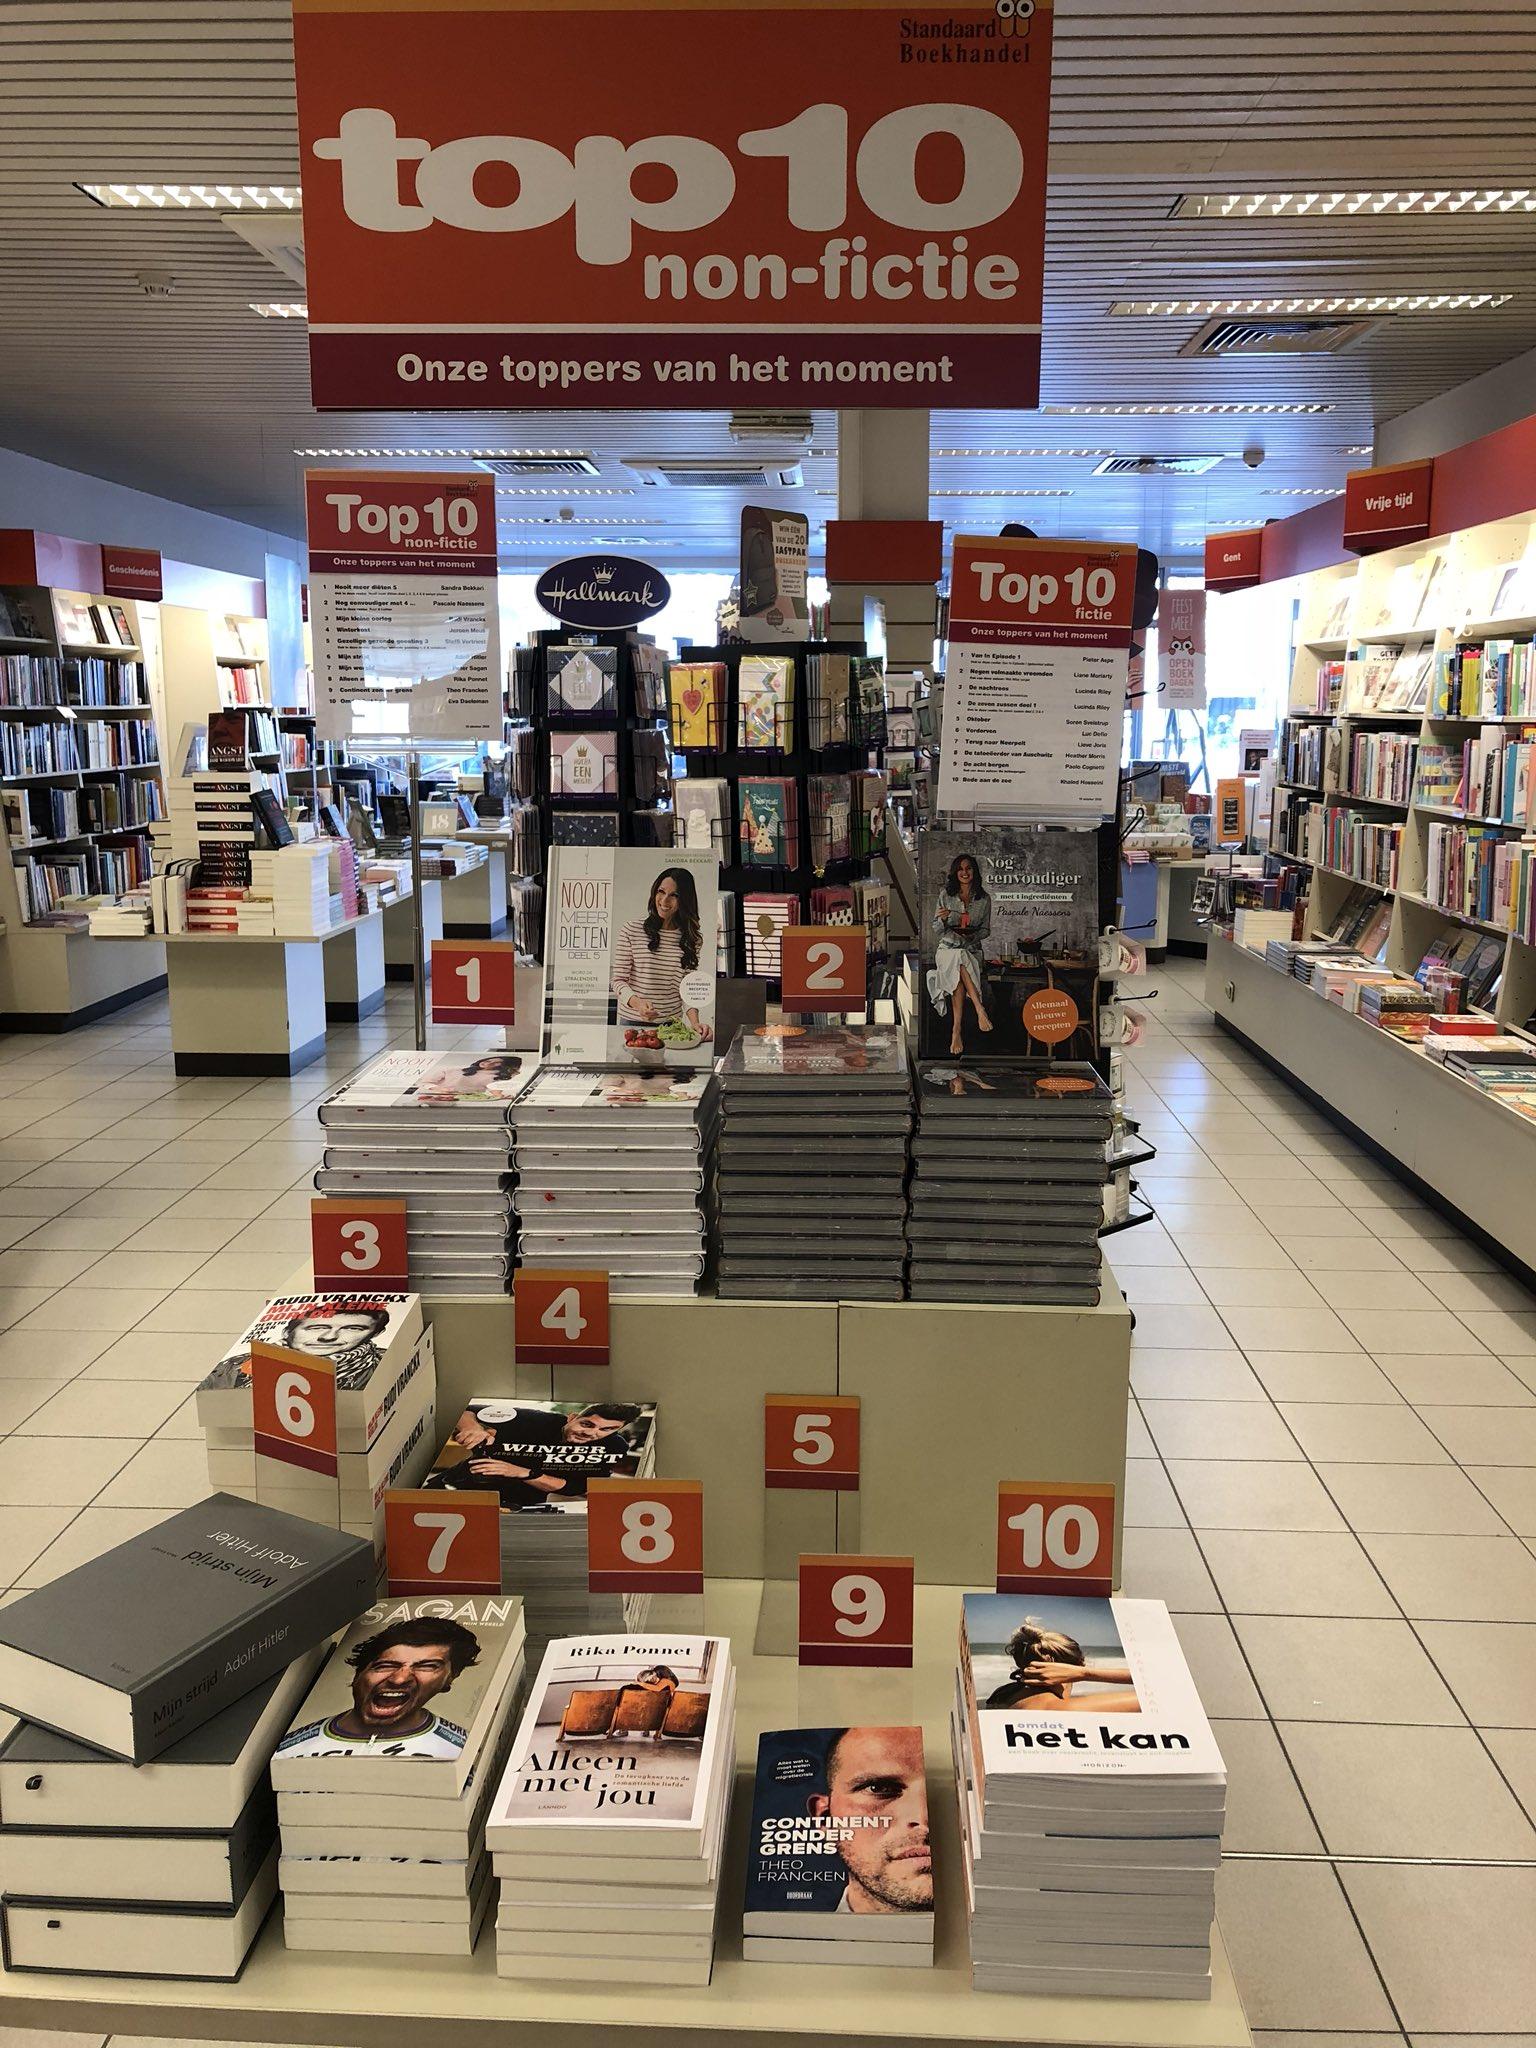 Louis Ide On Twitter In Gent Zijn Er 2 Soorten Boeken Top 10 Deze